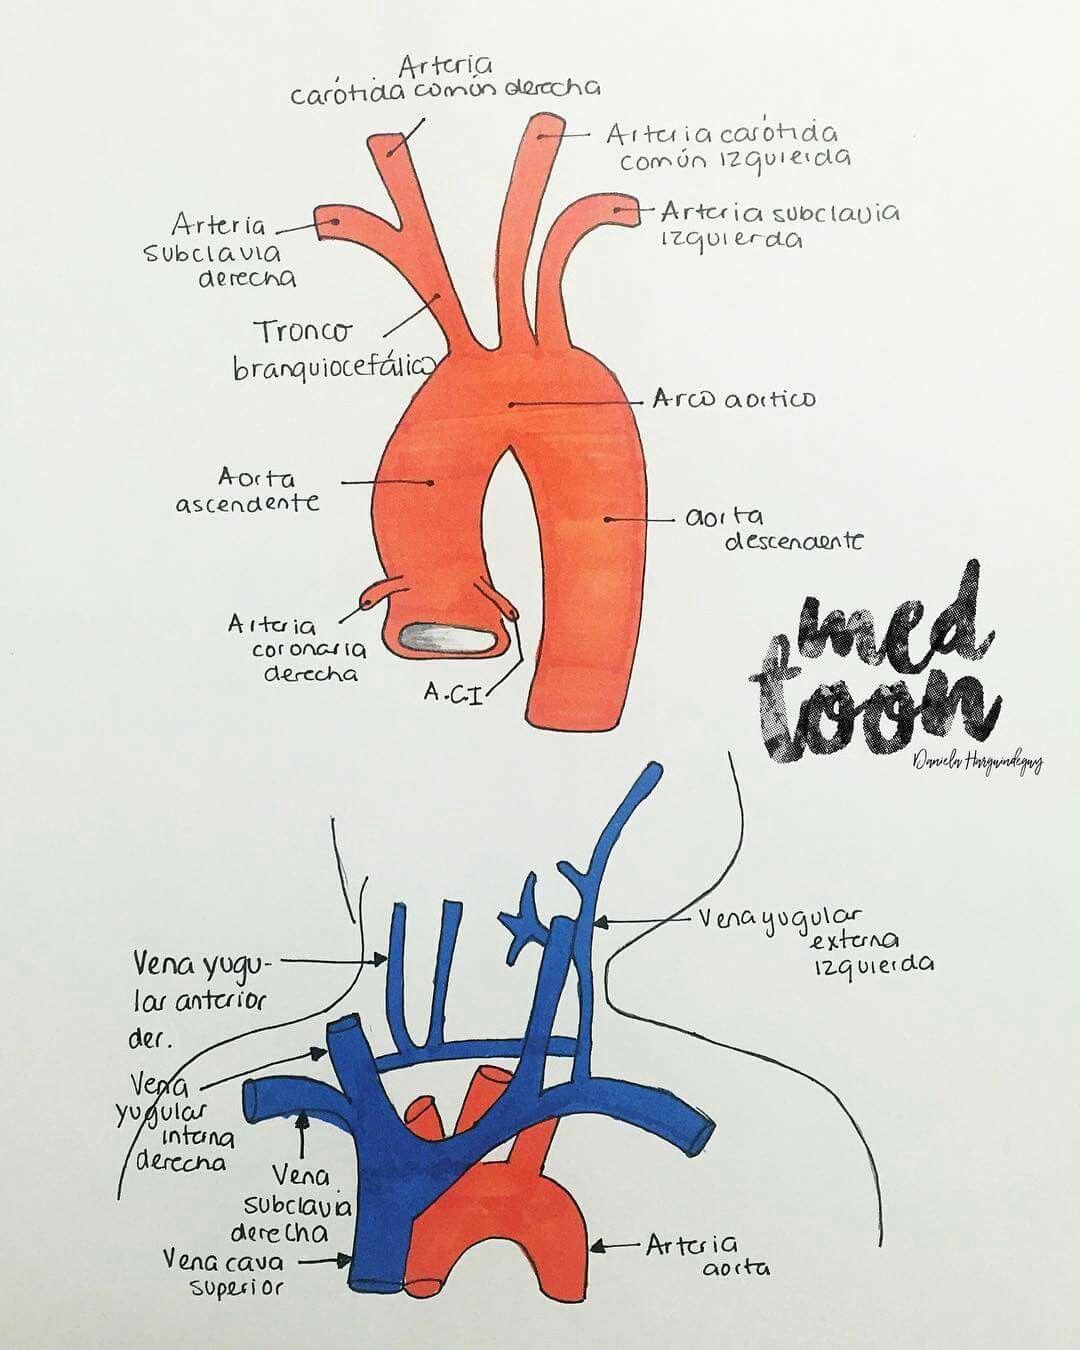 venas y arterias del corazón | Med Toon | Pinterest | Arterias del ...